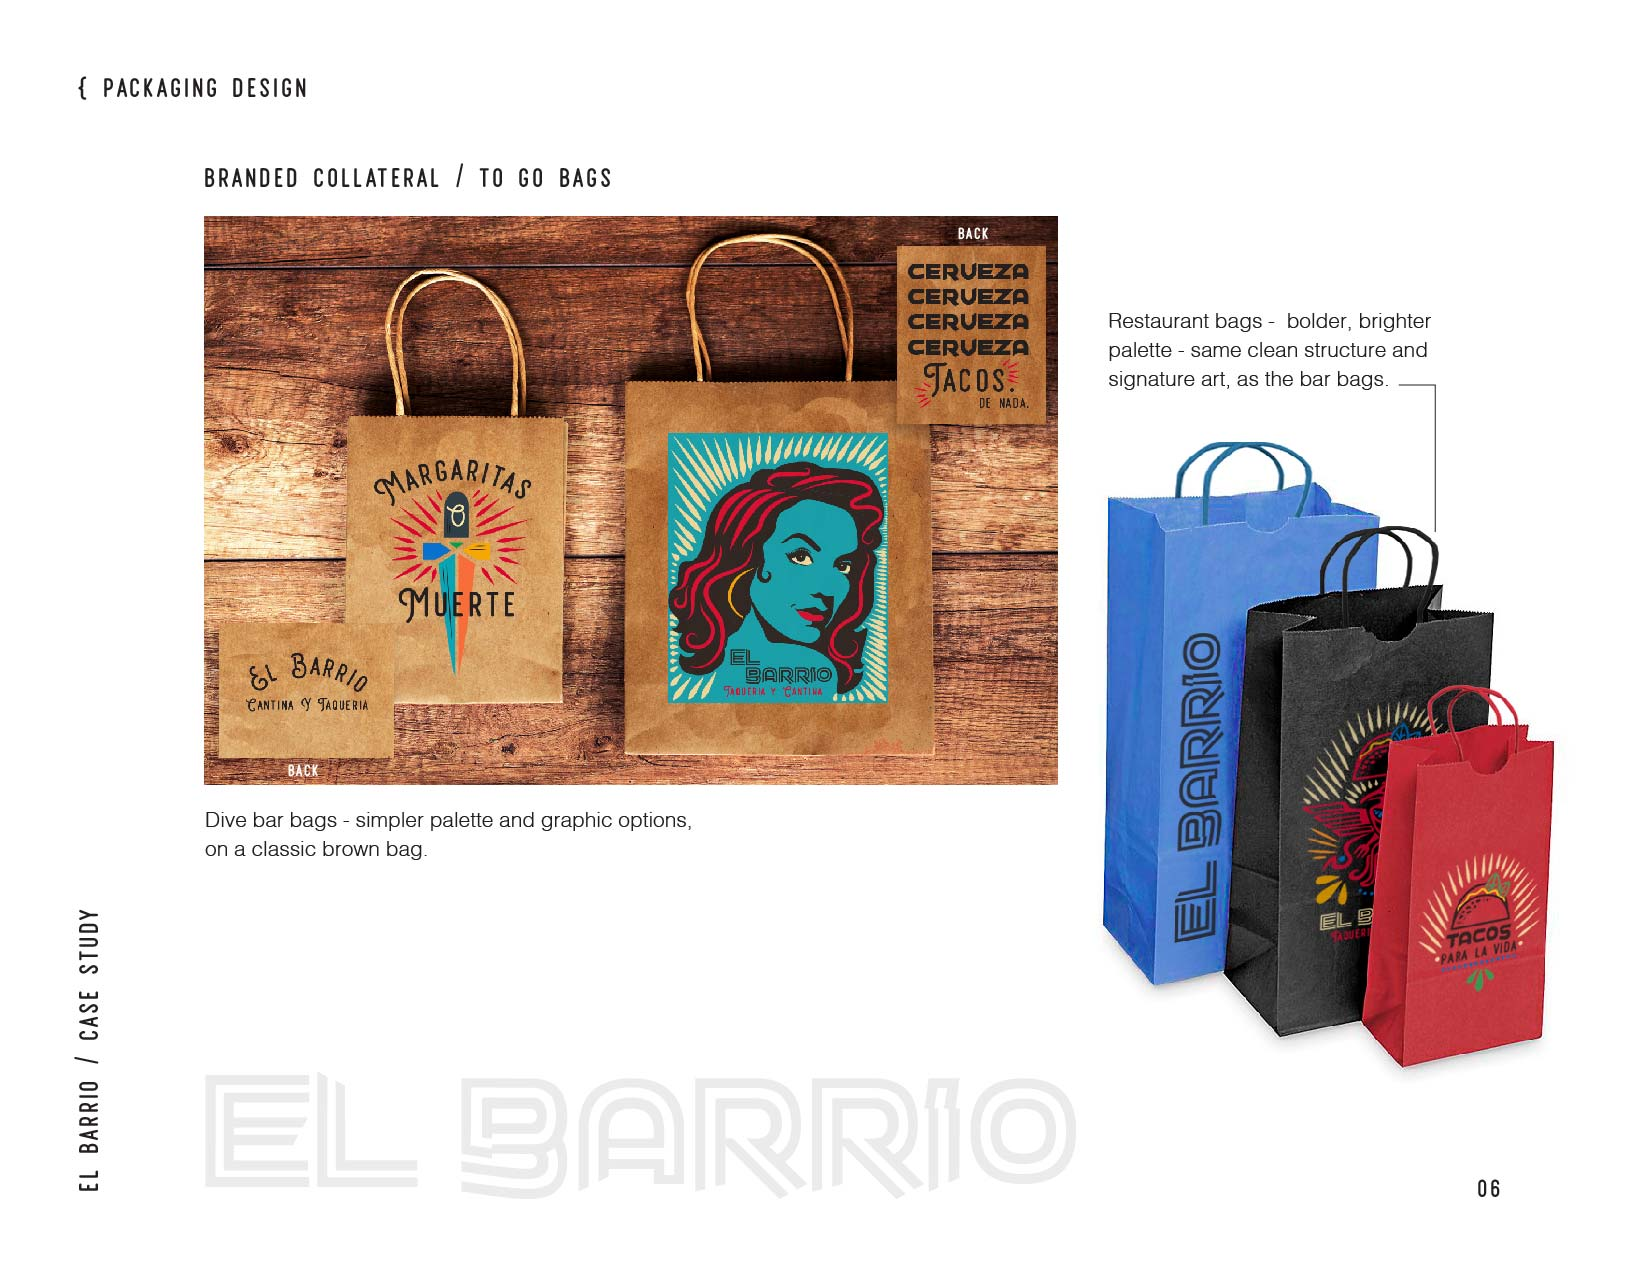 El Barrio_Case Study-07.jpg